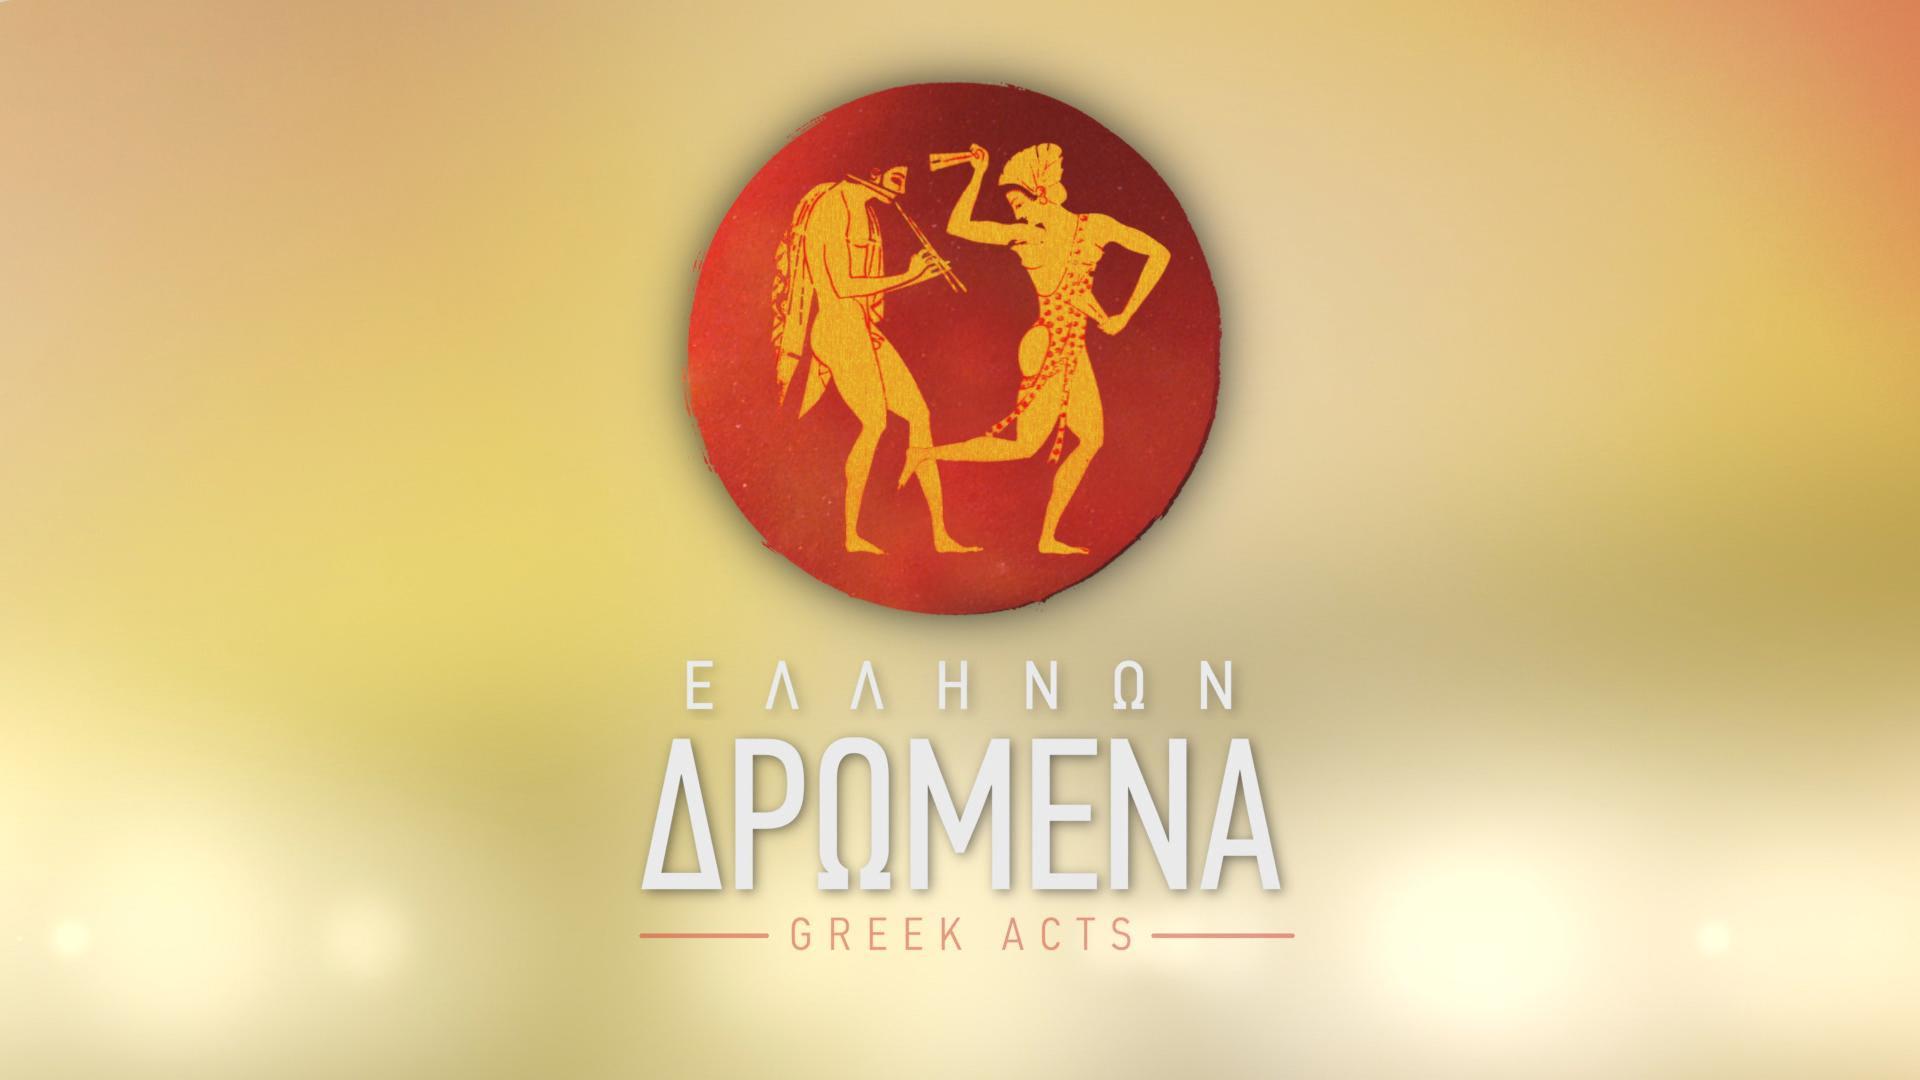 «Ελλήνων Δρώμενα» Τρίτη 1 Δεκεμβρίου στην ΕΡΤ3 | Αφιέρωμα στον κορυφαίο λυράρη Θανάση Σκορδαλό